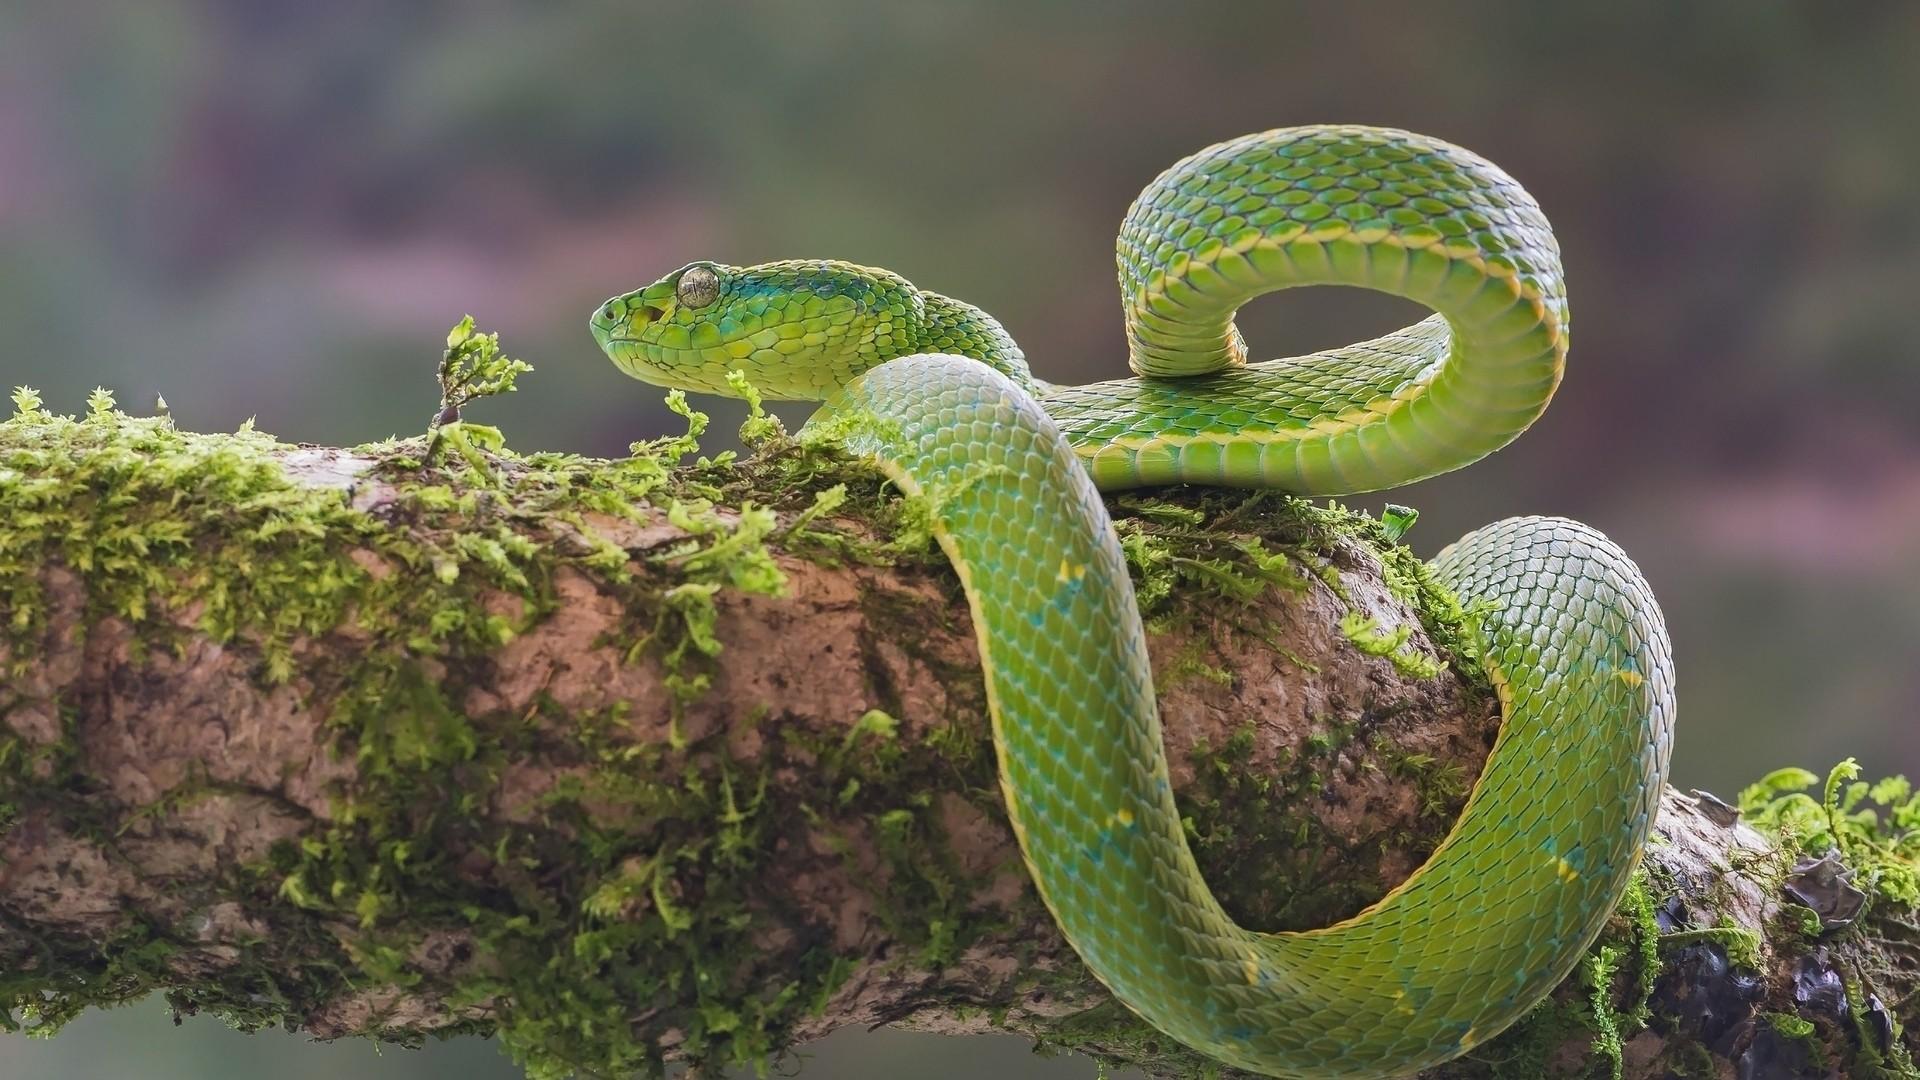 Snake Full HD Wallpaper